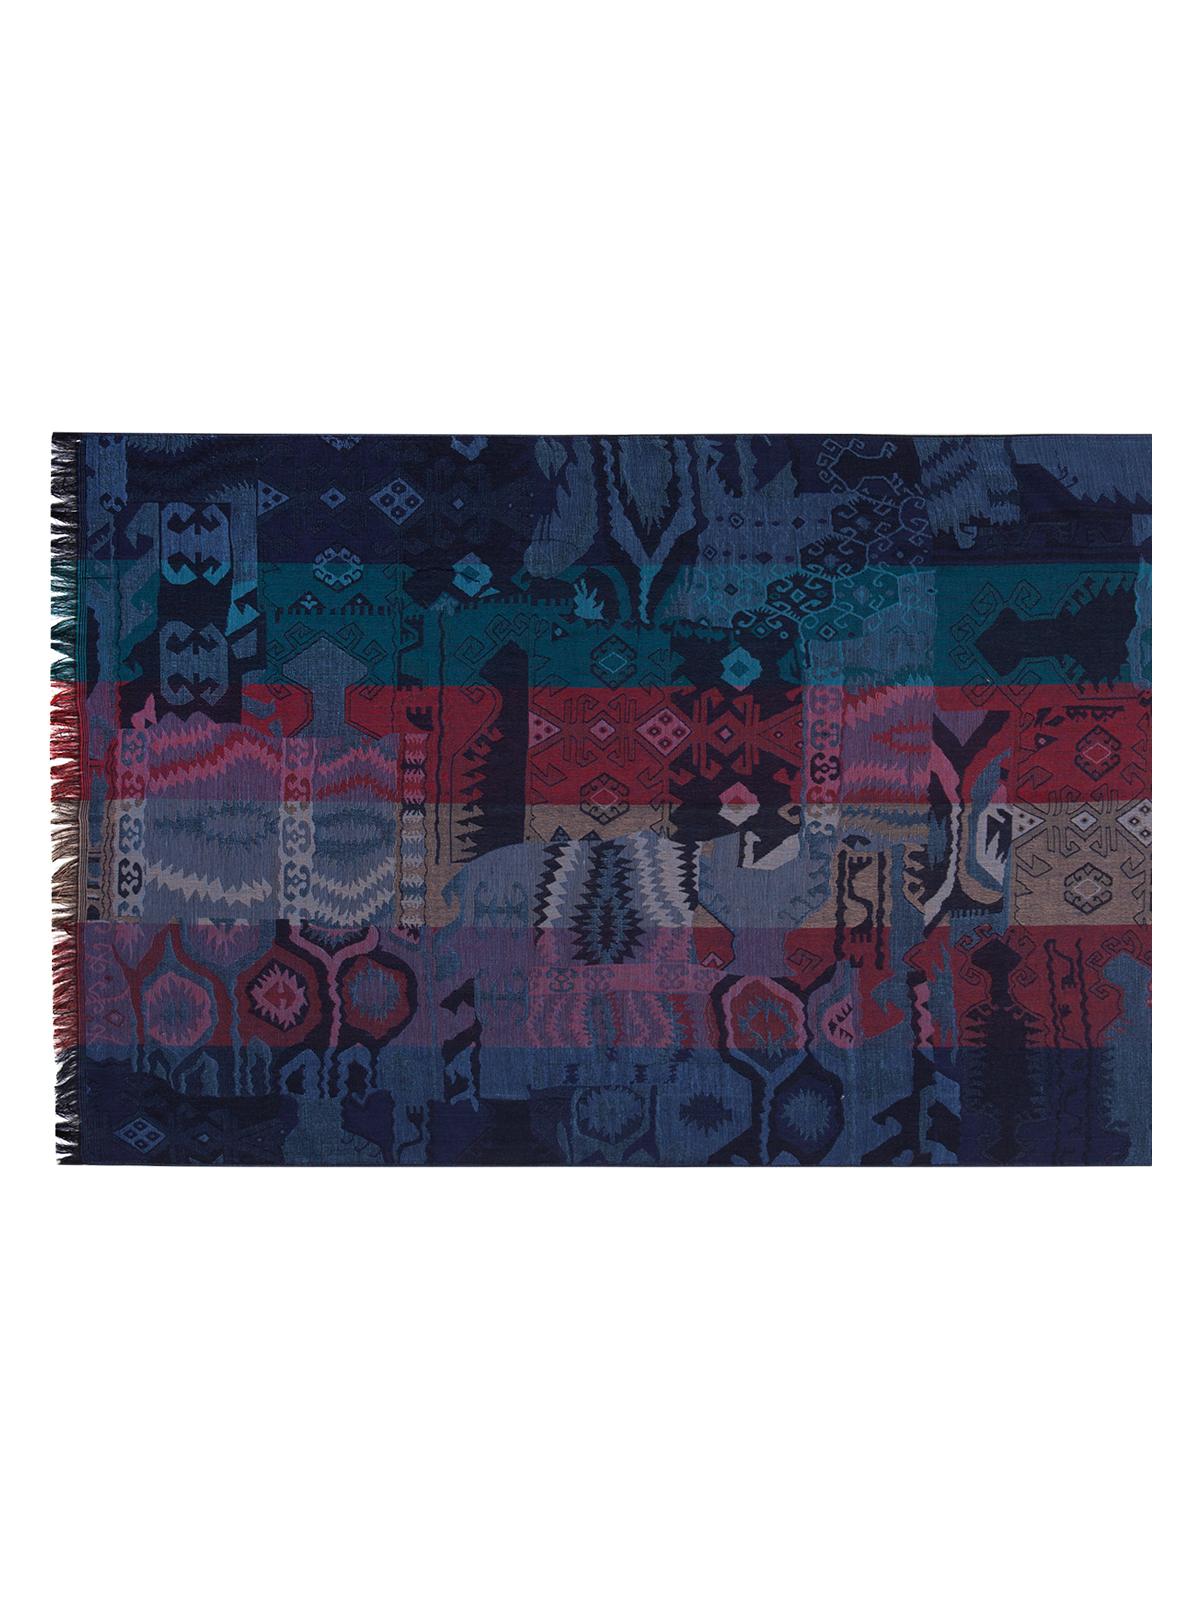 Палантин Labbra, цвет: темно-синий, мультицвет. LSC35-540. Размер 70 см х 180 смLSC35-540Палантин от Labbra изготовлен из шелка с добавлением шерсти и вискозы, оформлен ярким принтом. Изделие с машинной подгибкой, края декорированы бахромой.